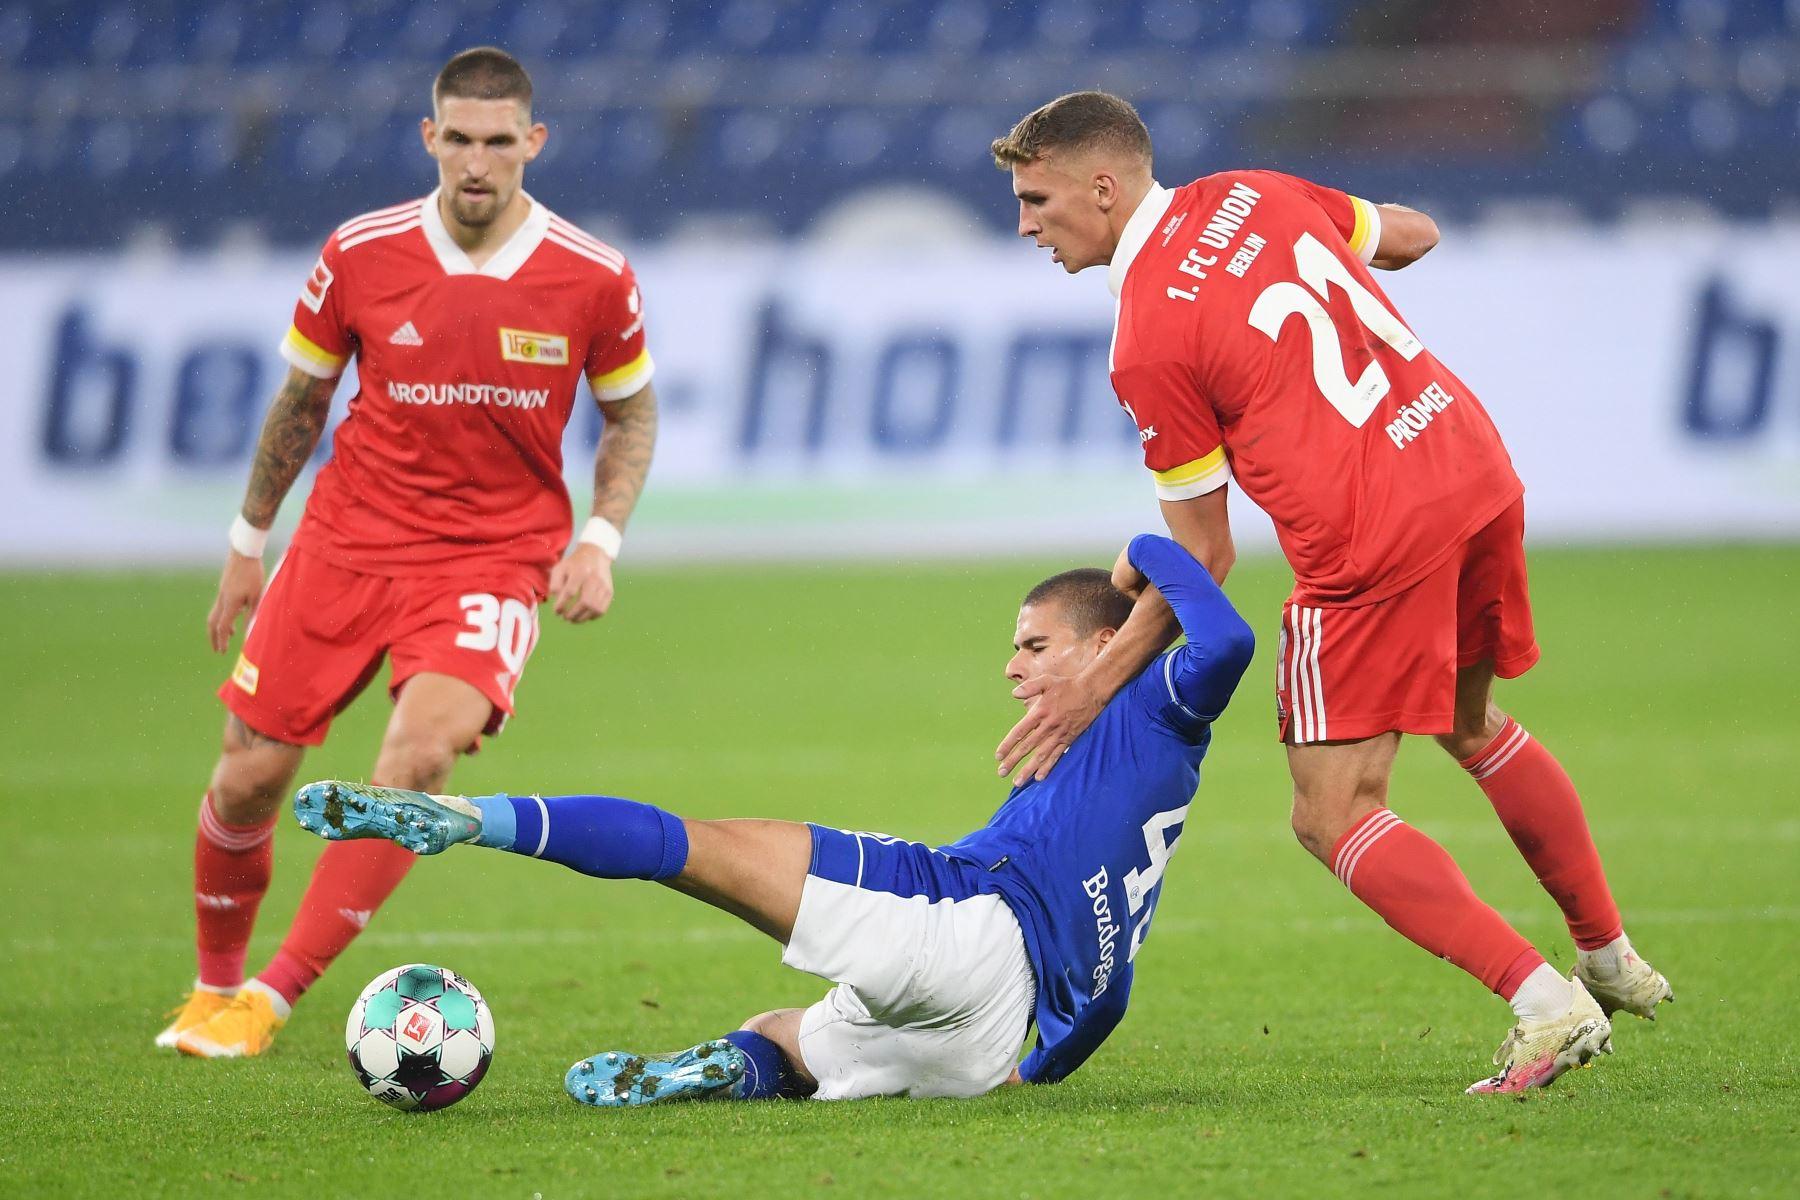 Can Bozdogan del FC Schalke 04 compite por el balón contra Grischa Promel del FC Union Berlin durante el partido de la Bundesliga en el Veltins-Arena en Gelsenkirchen, Alemania. Foto: EFE